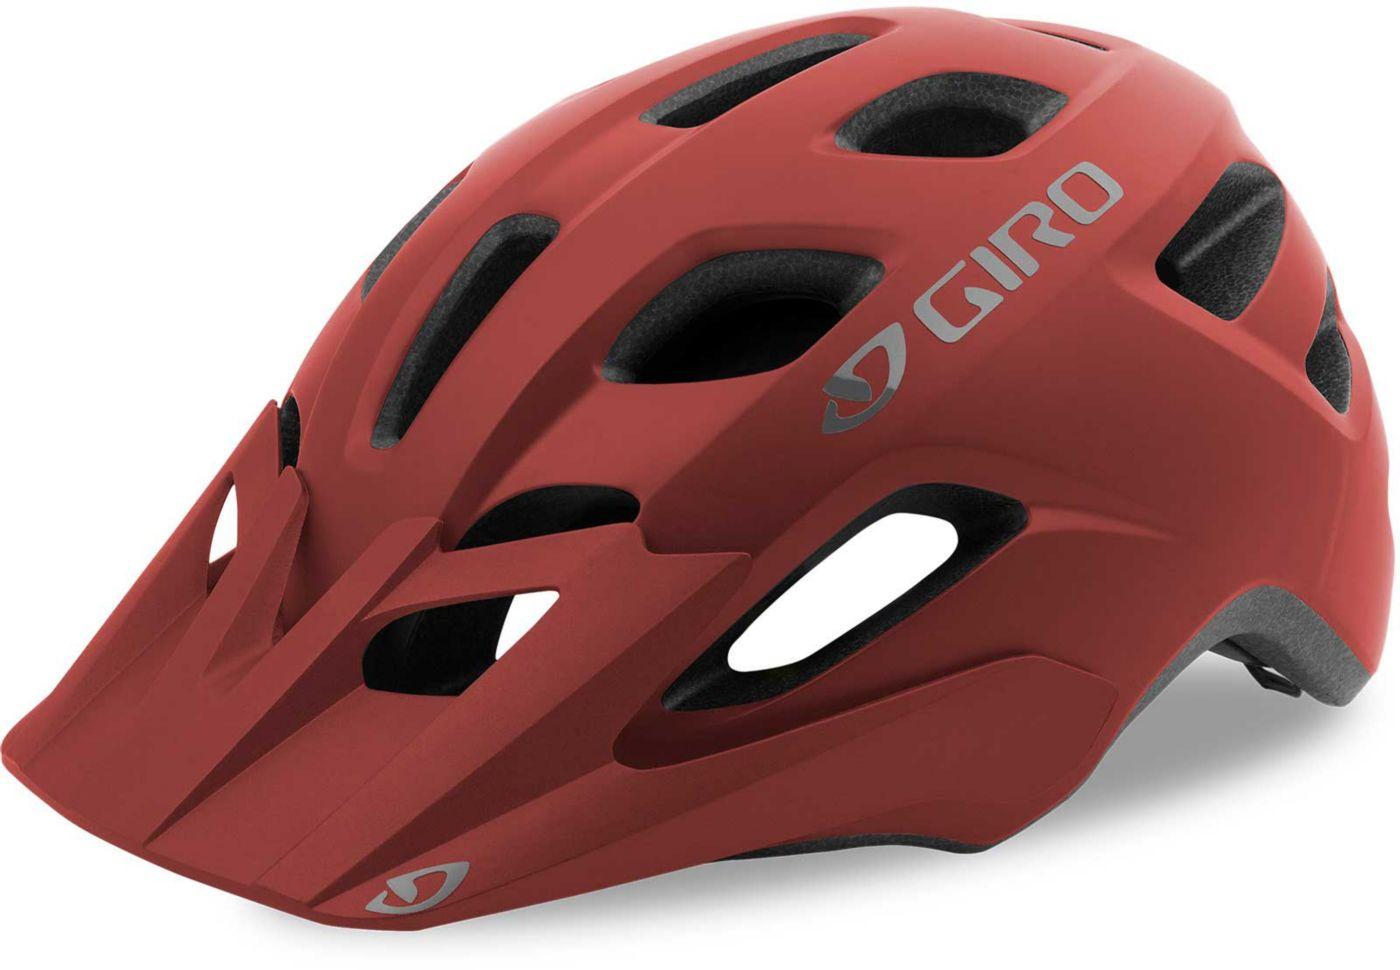 Giro Adult Fixture MIPS Bike Helmet